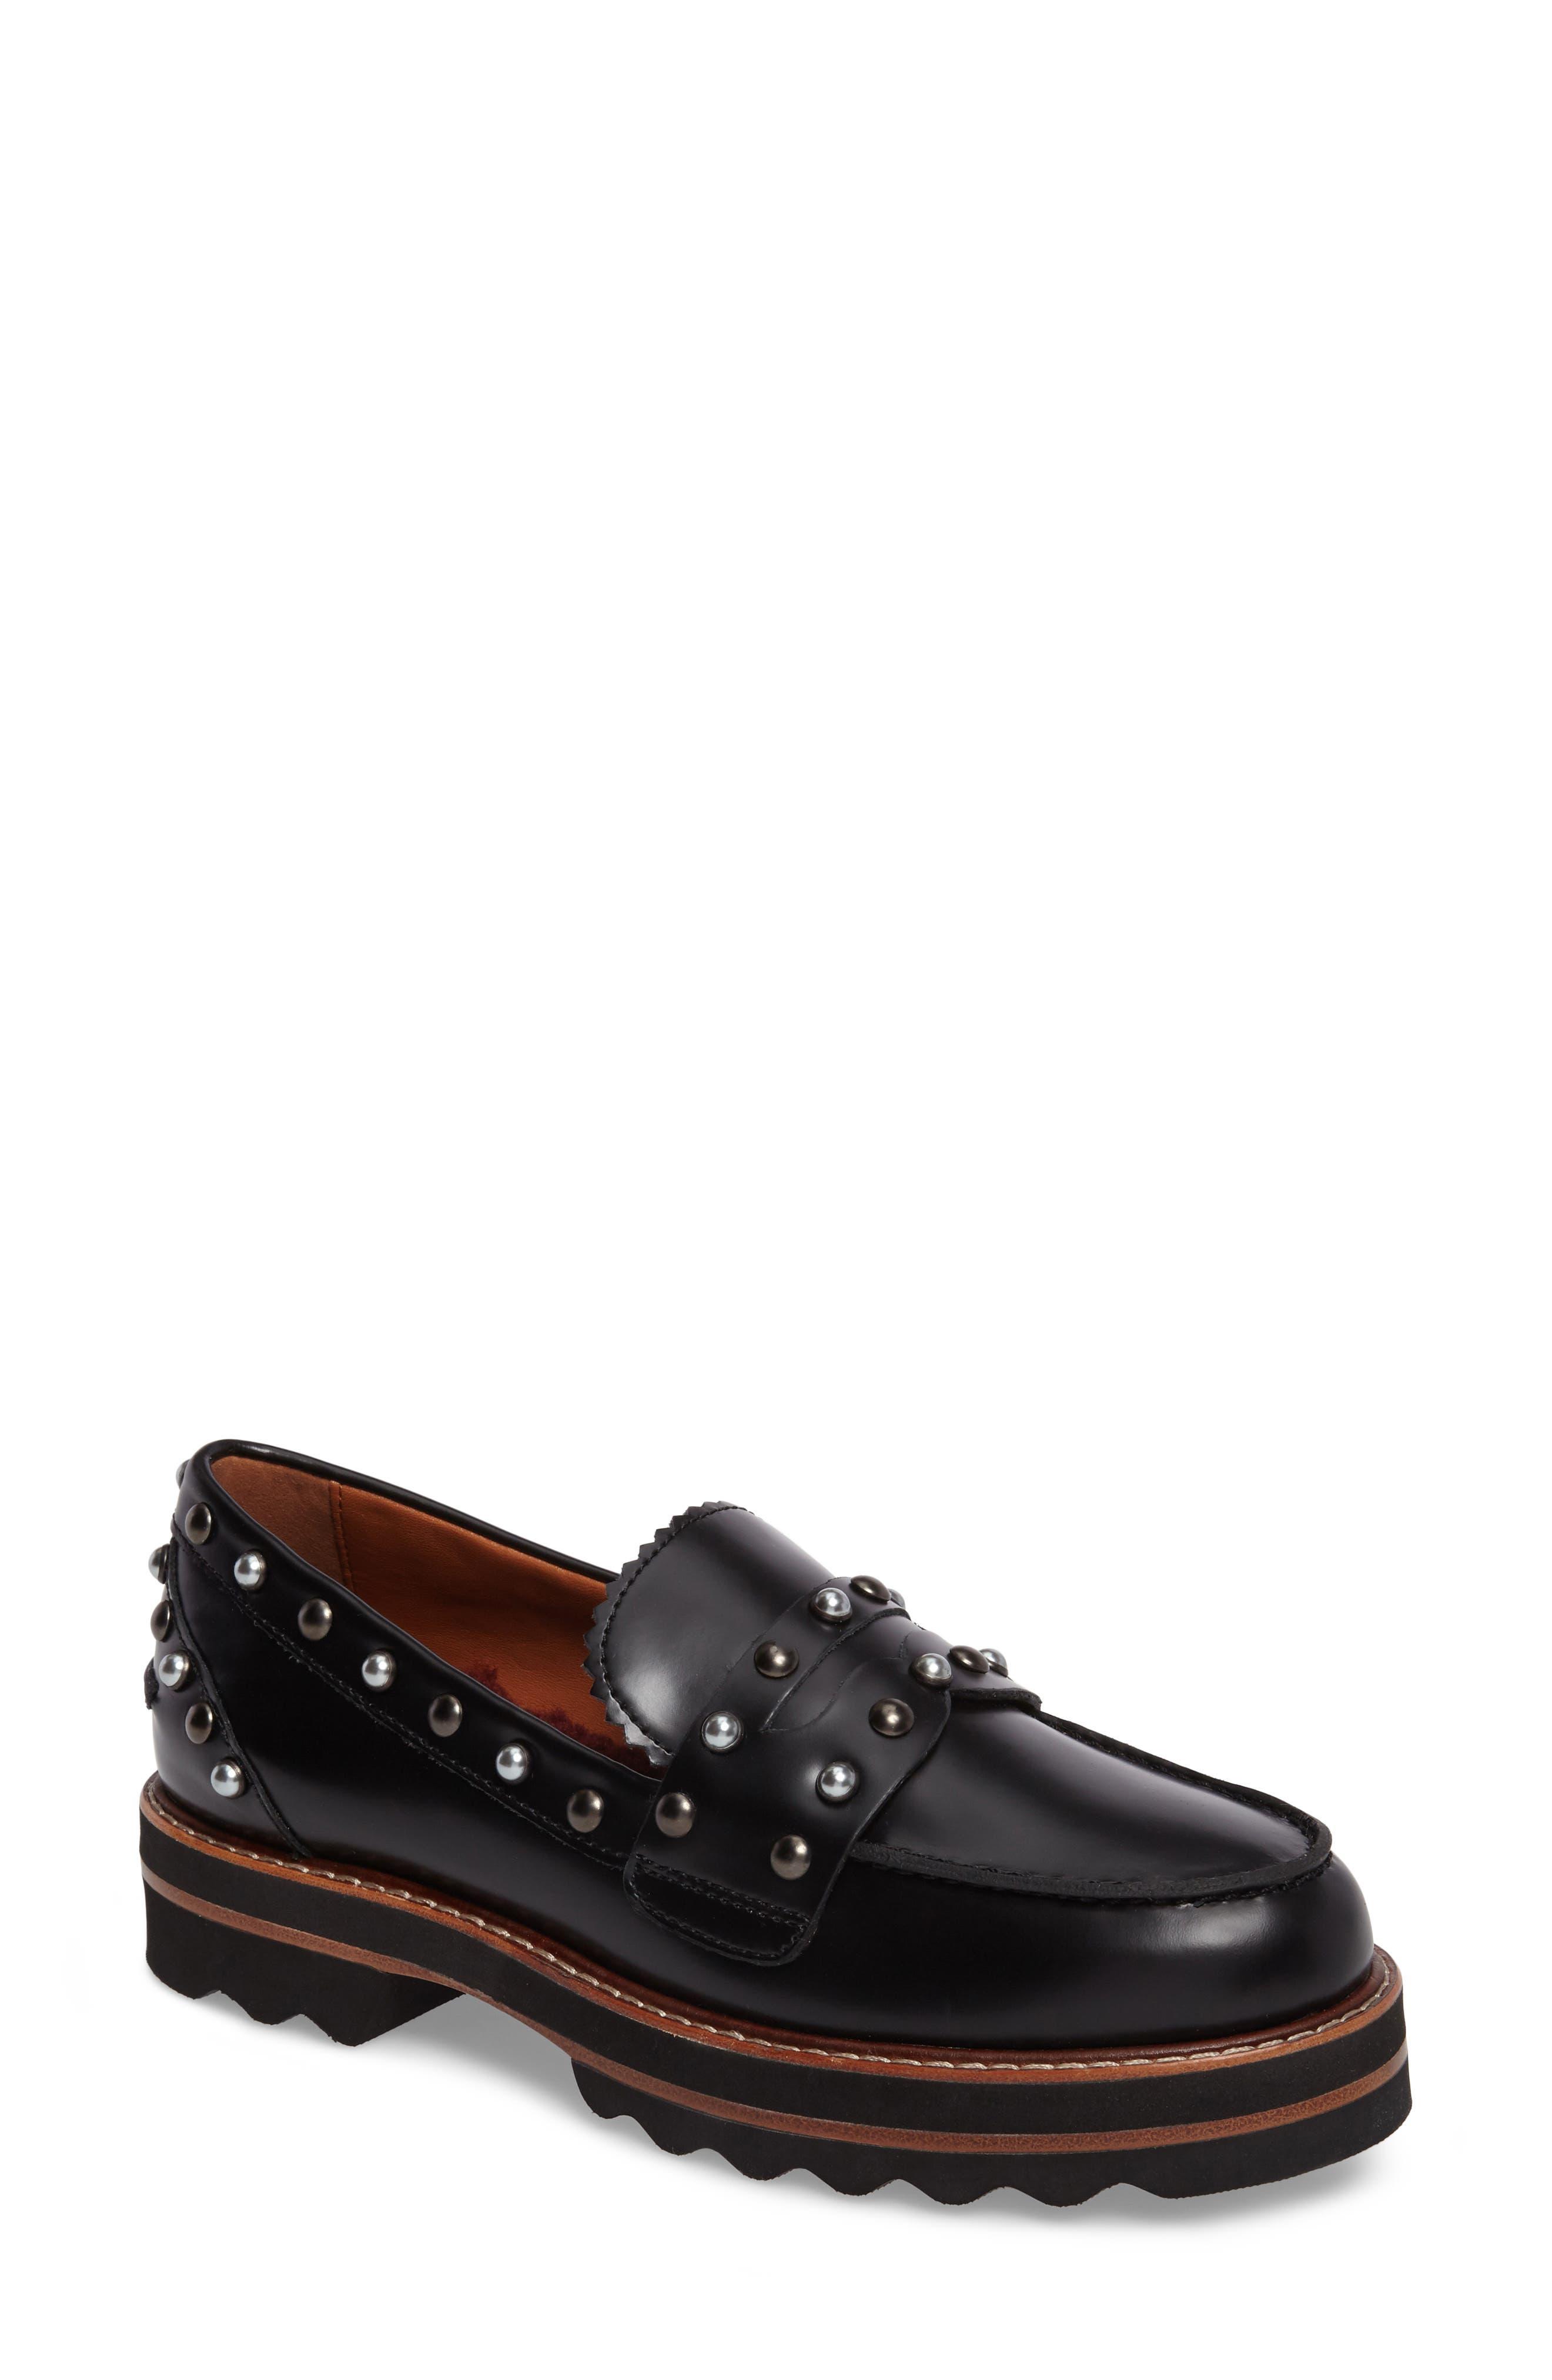 Lenox Loafer,                         Main,                         color, Black Leather